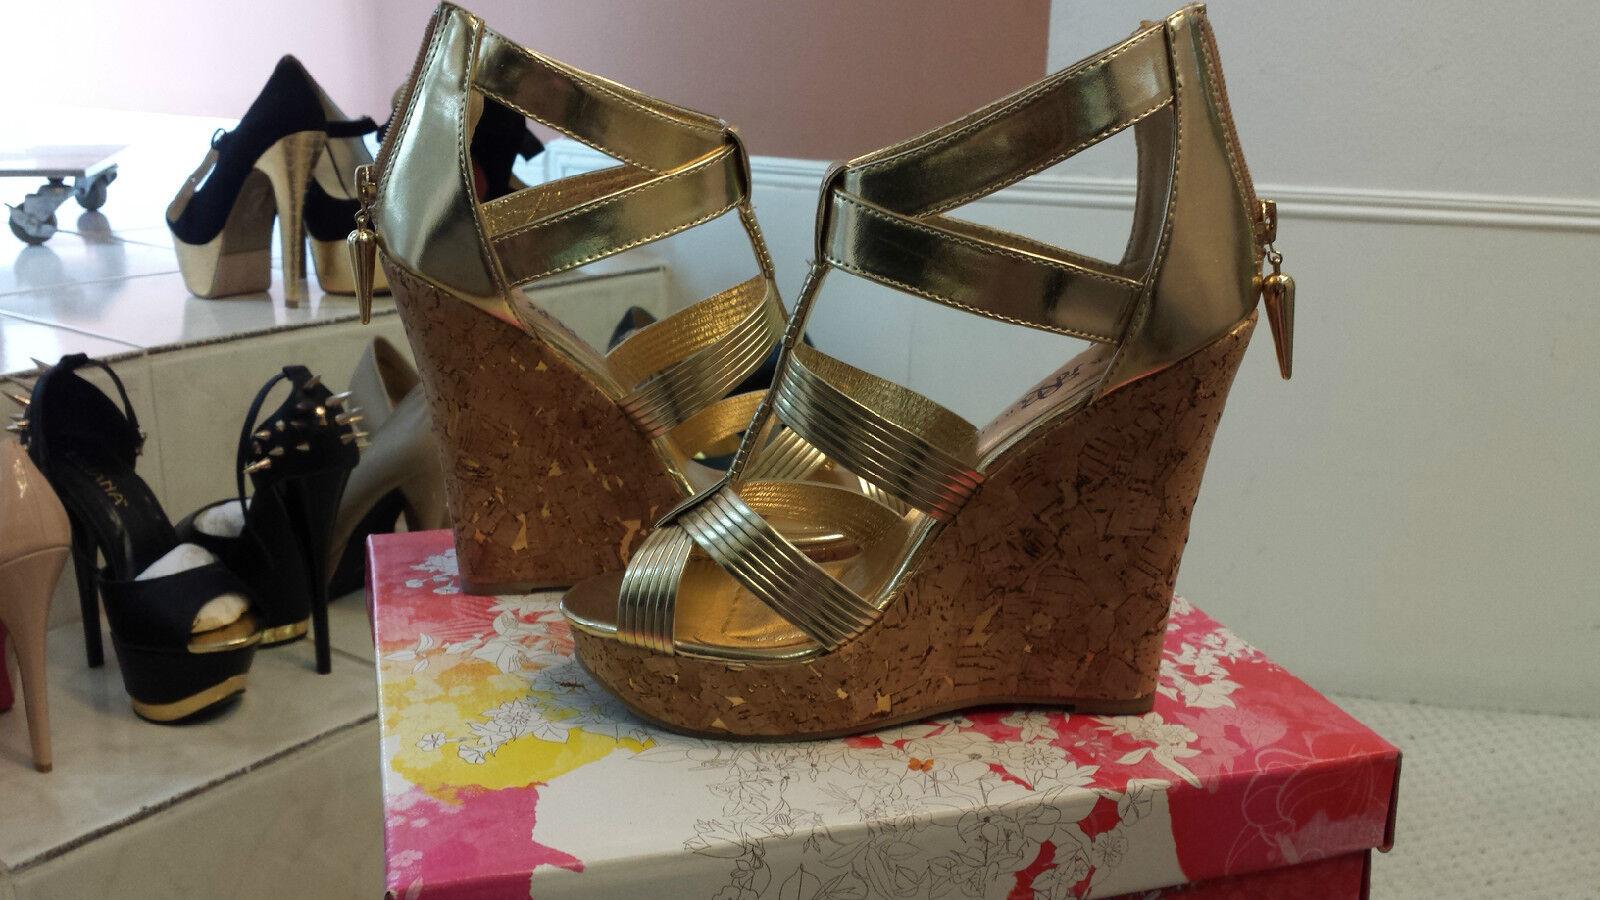 ROCK & REPUBLIC WEDGE Günstige und gute Schuhe